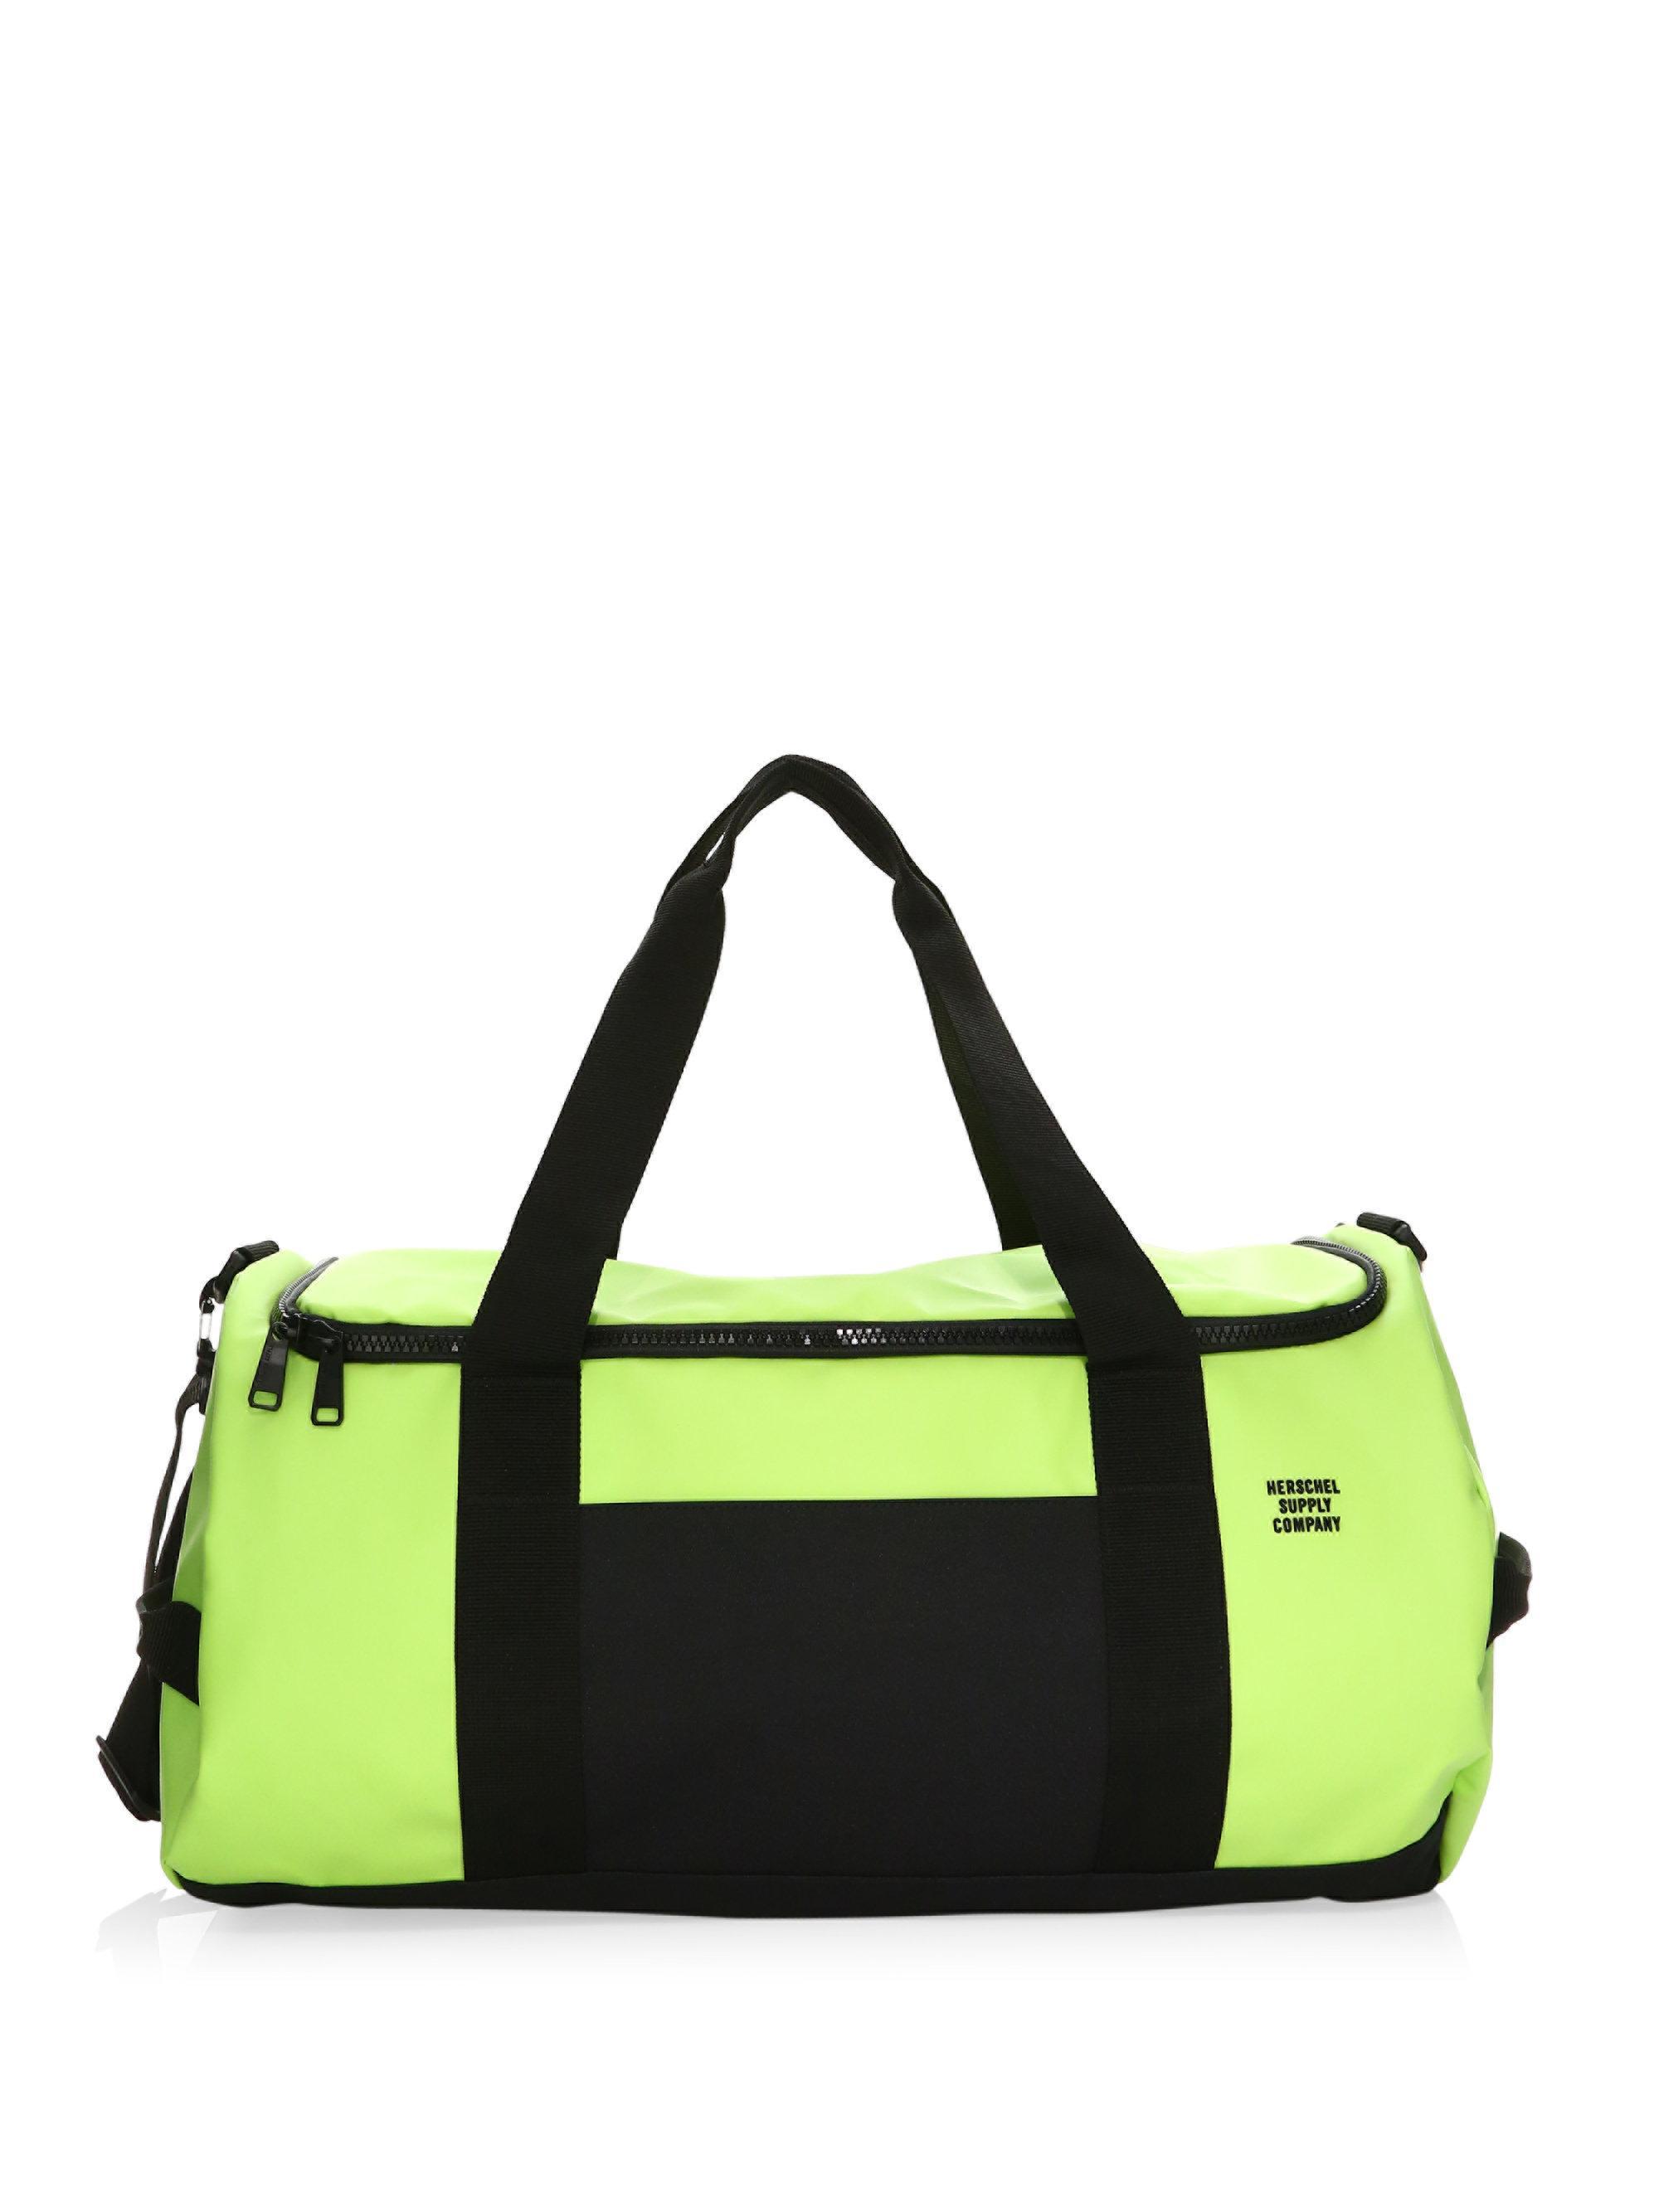 17c485ff516e Herschel Supply Co. Sutton Duffel Bag for Men - Lyst